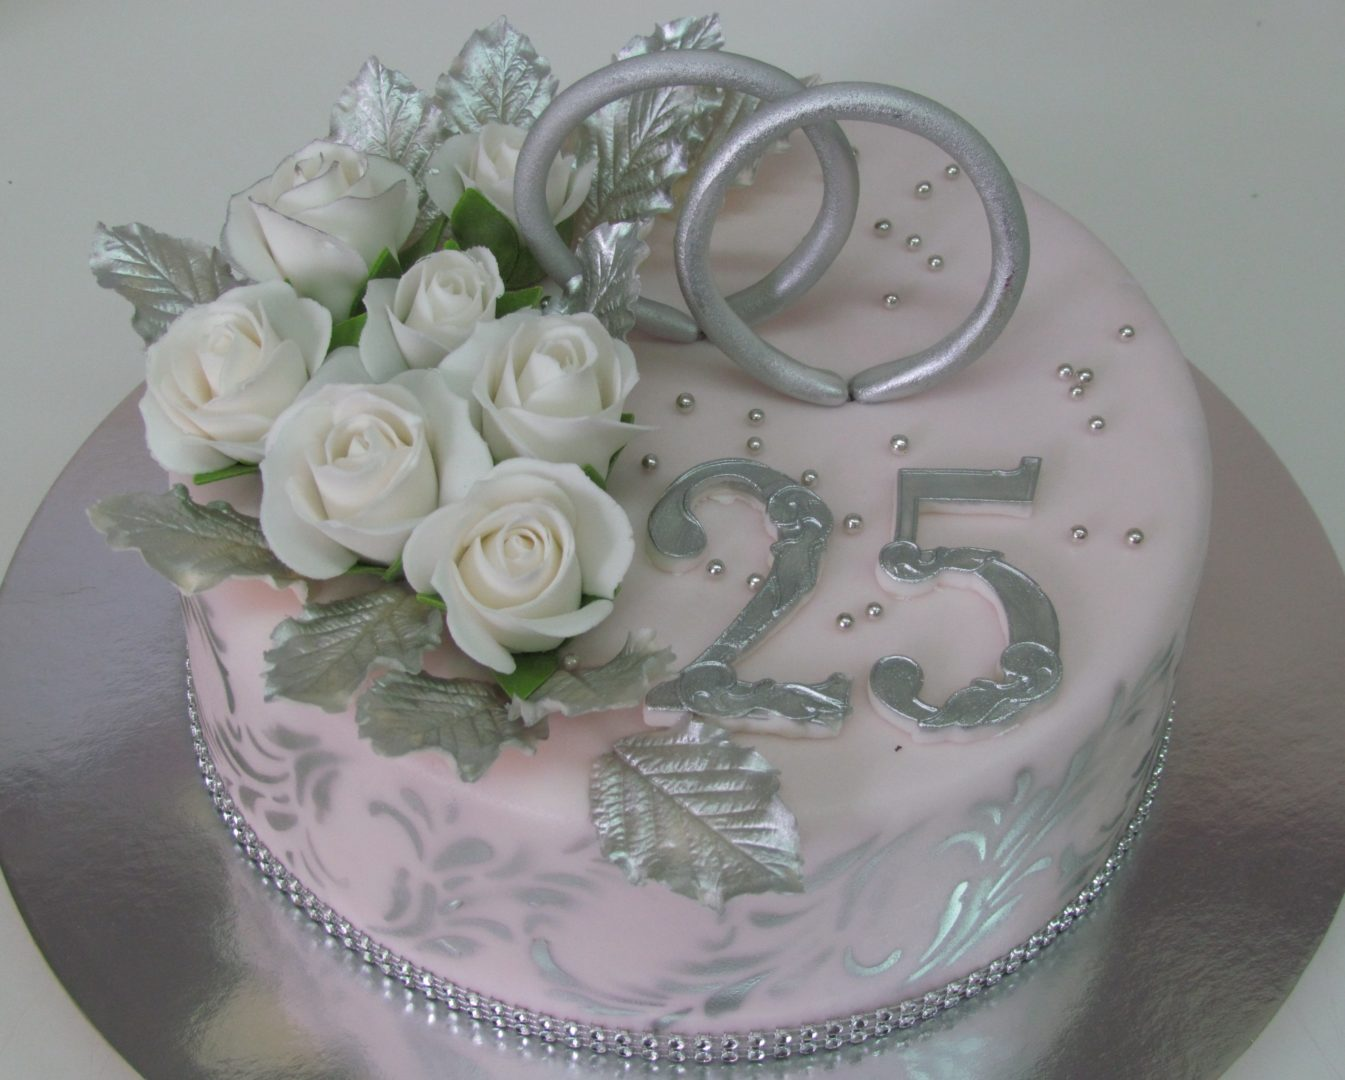 галстук торты на серебряную свадьбу фото они стали весьма